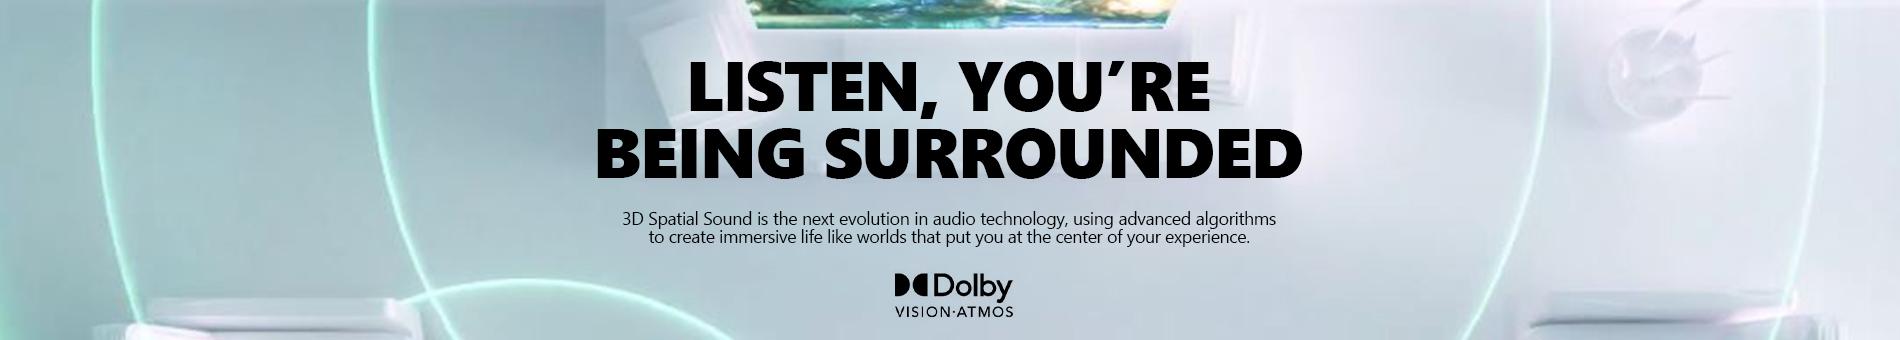 Xboxseries S Listen